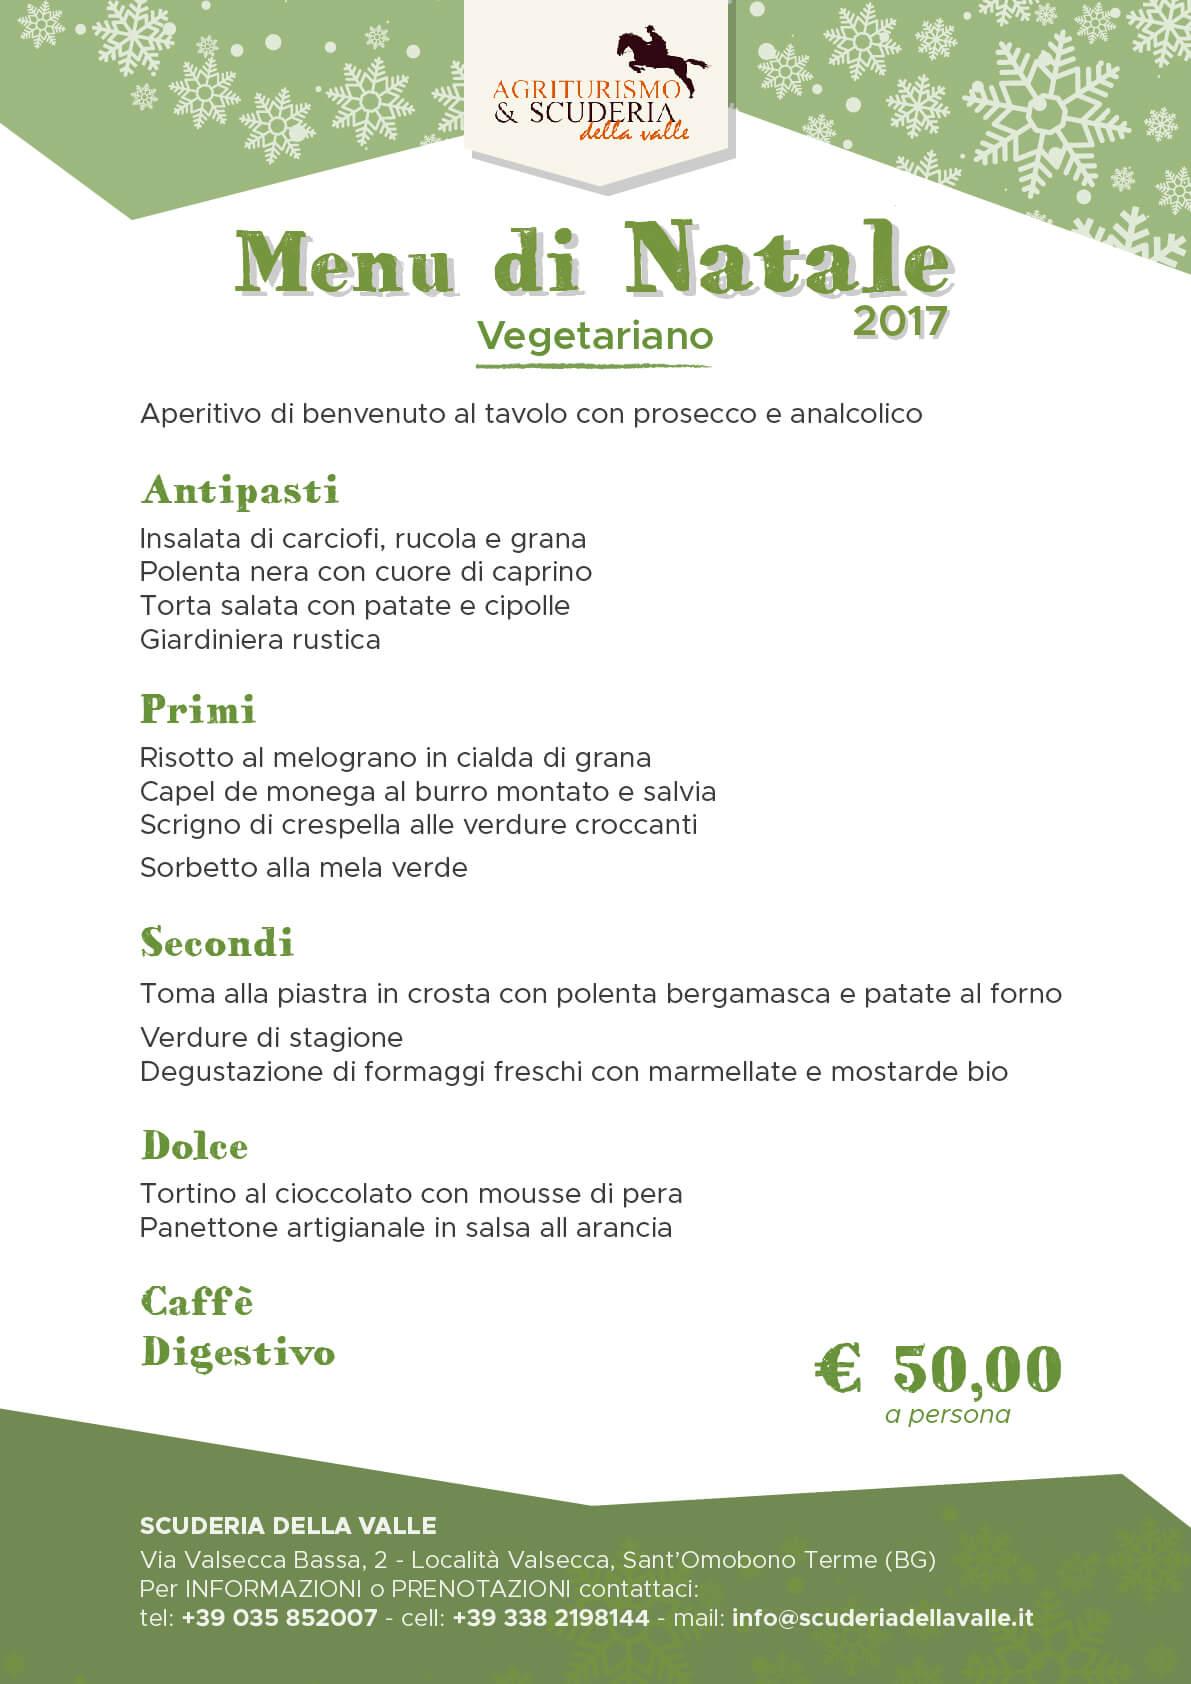 Menu di Natale tradizionale - Scuderia della Valle (Bergamo)